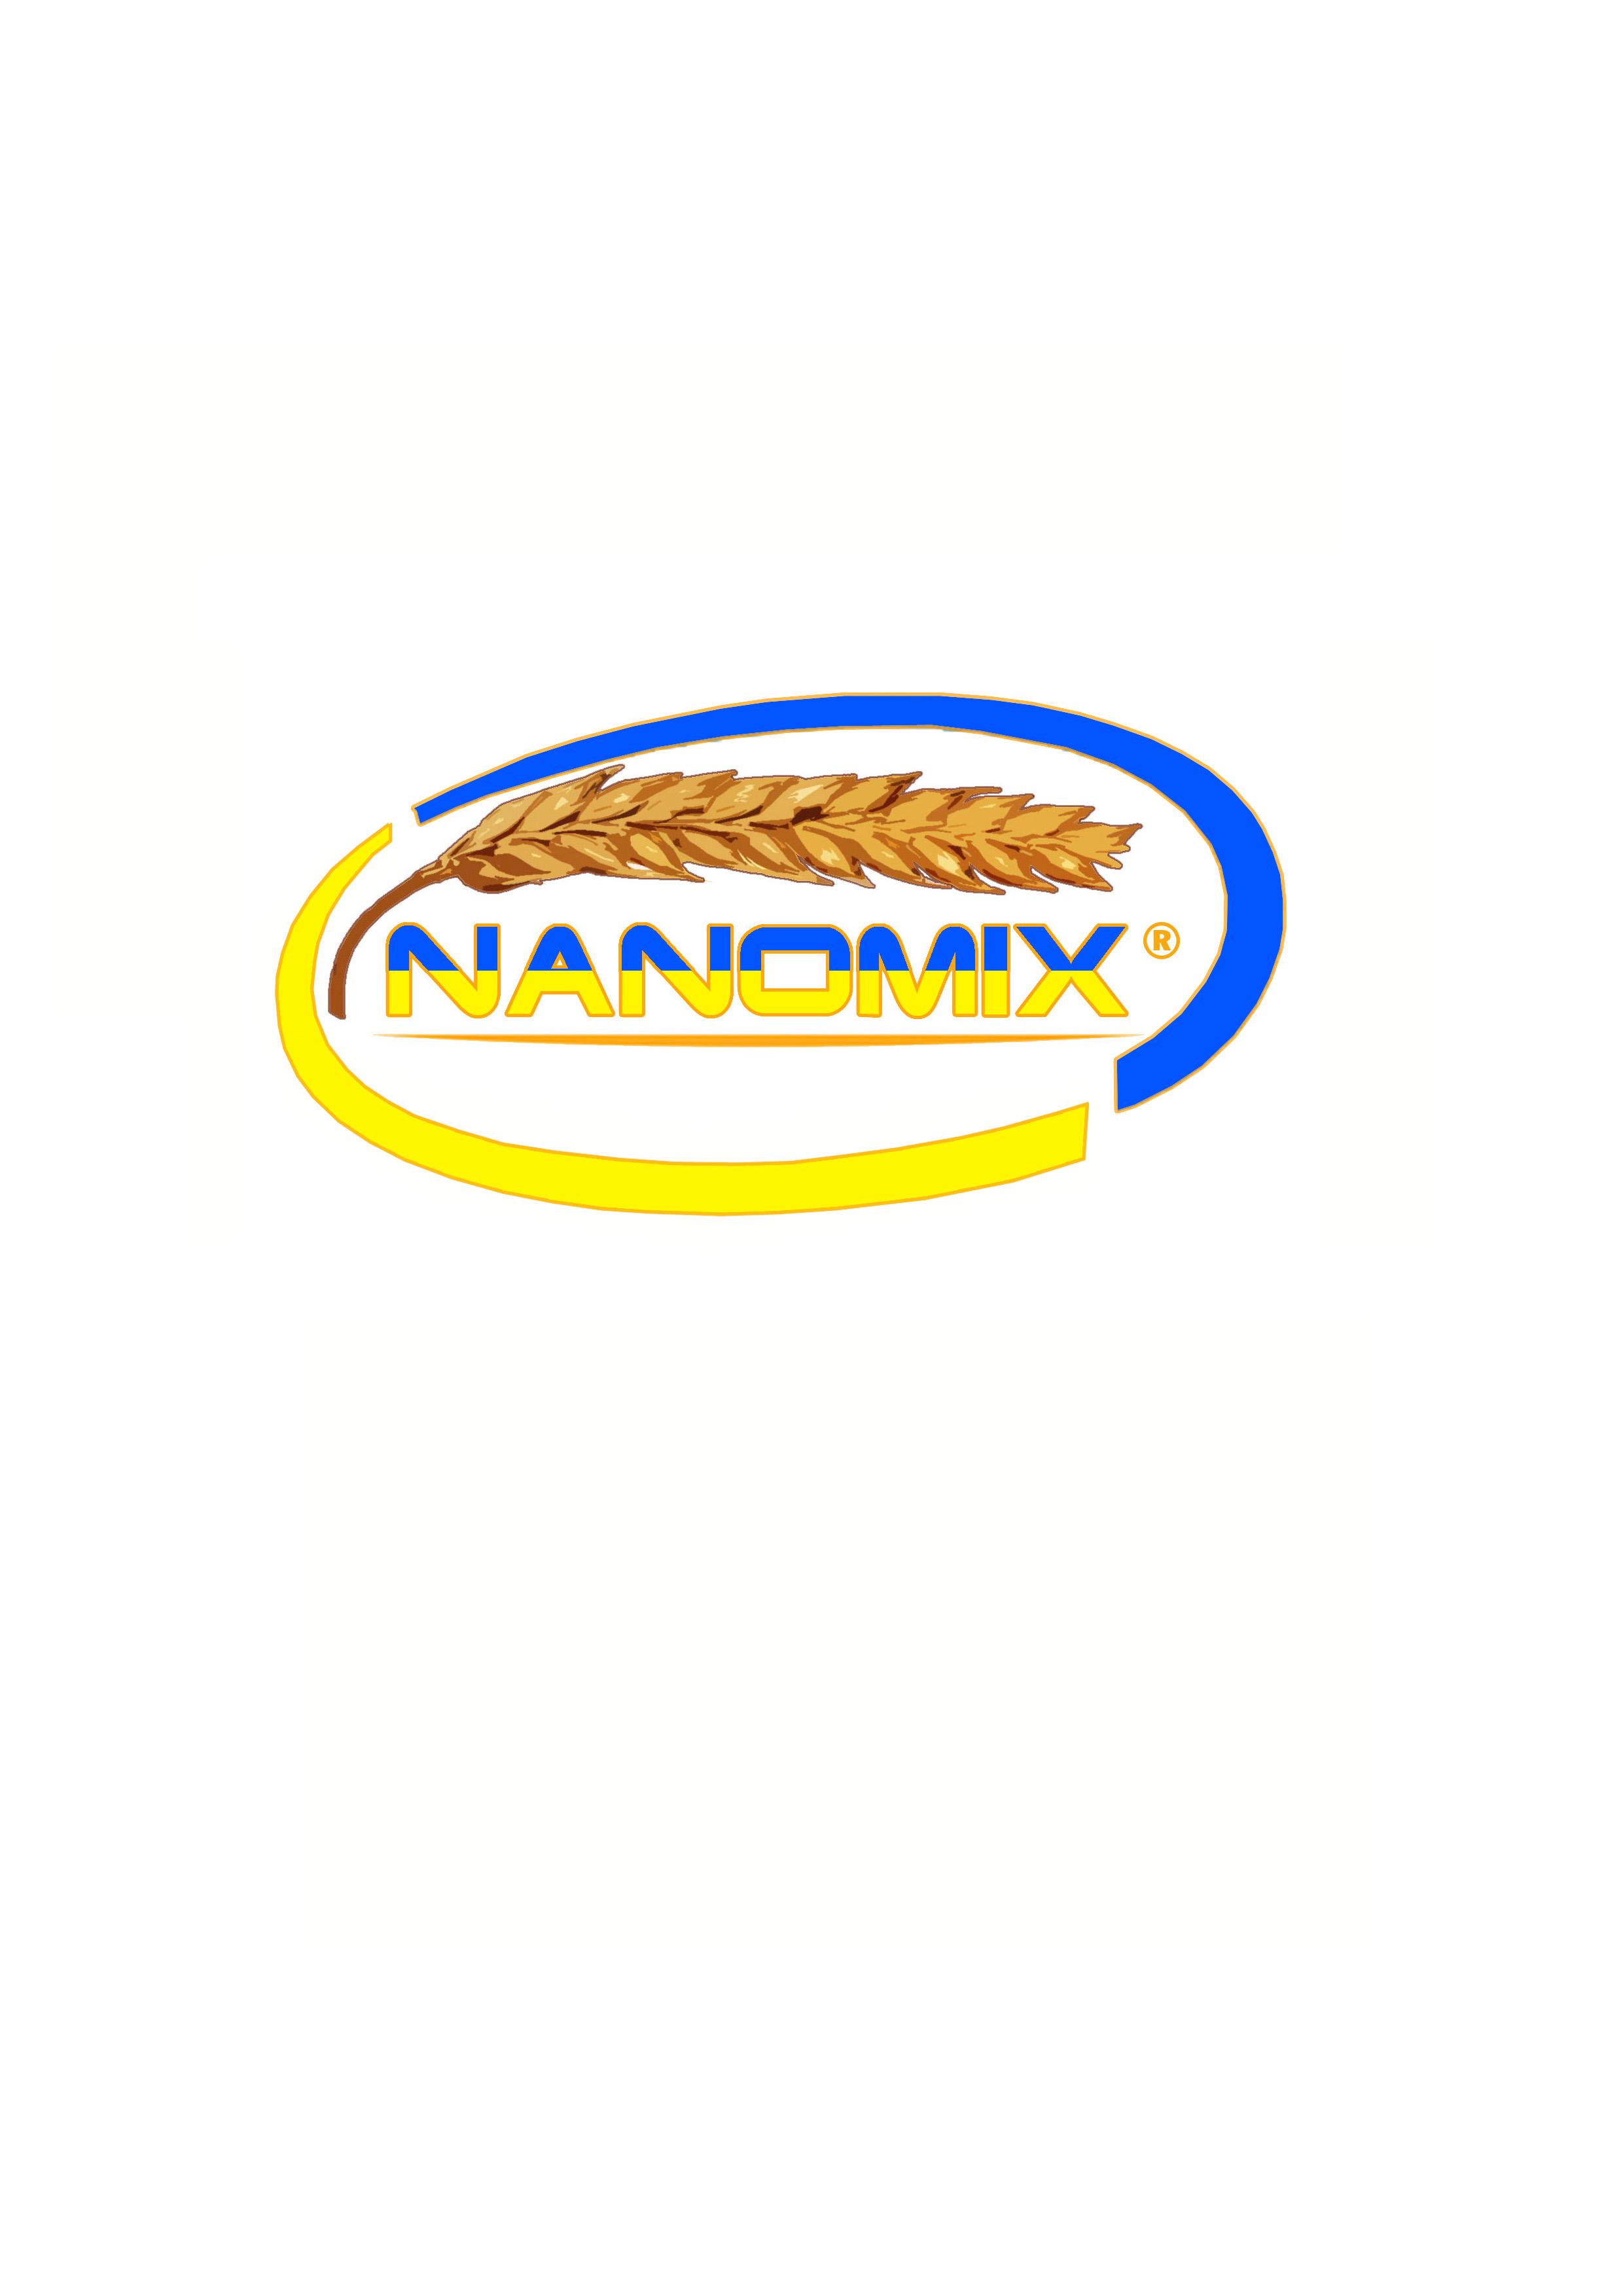 Варан, ООО